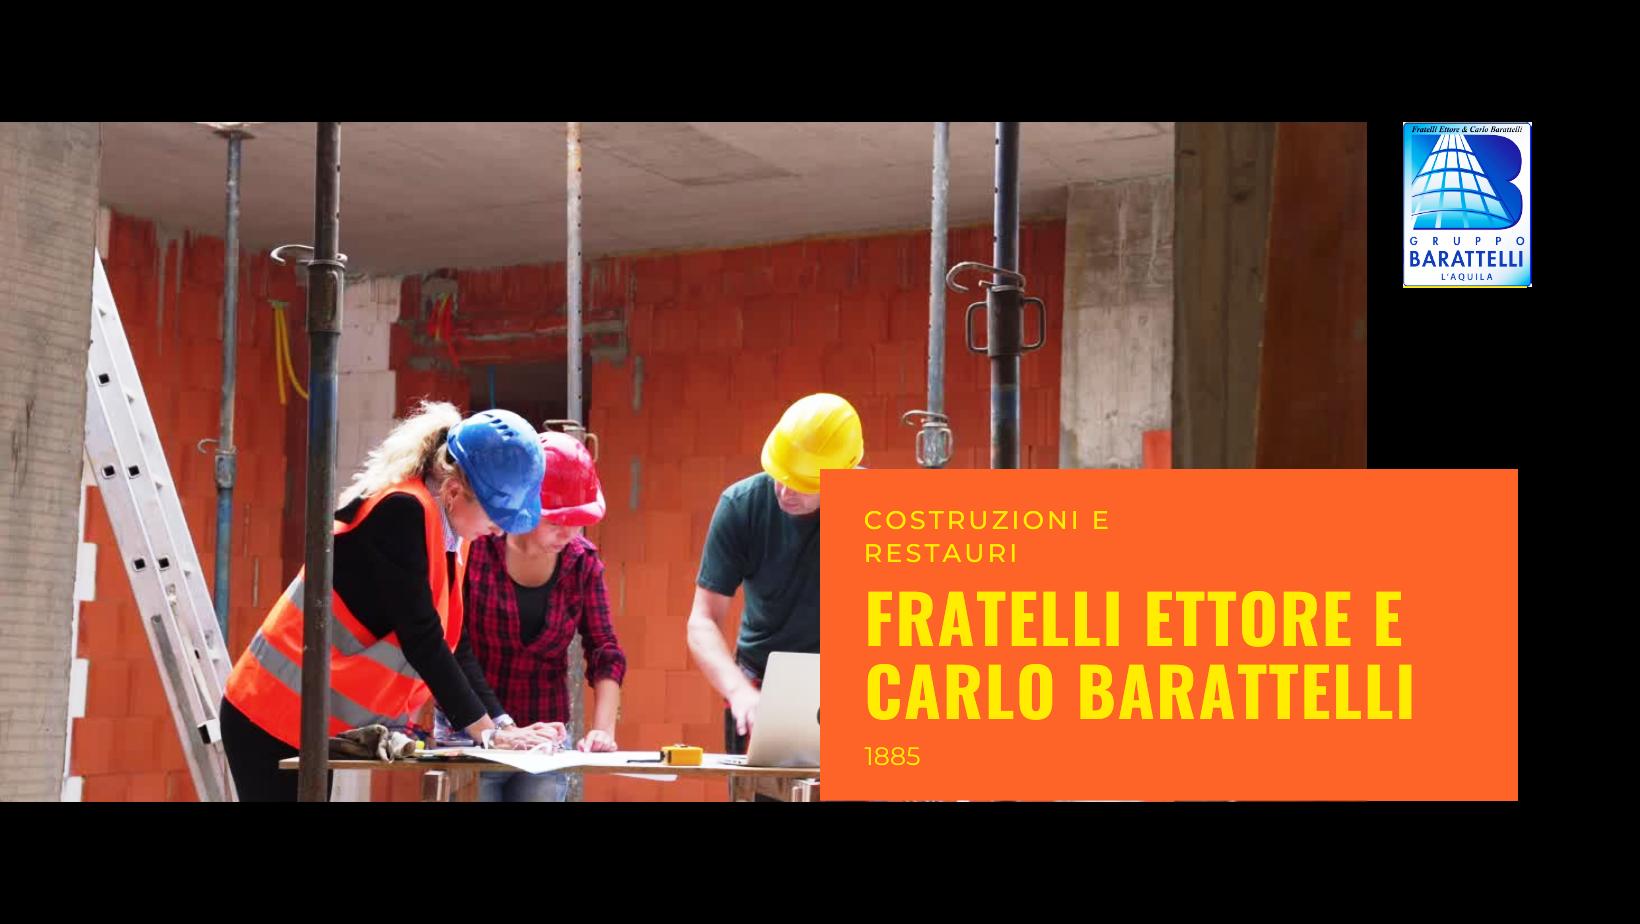 FRATELLI ETTORE E CARLO BARATTELLI